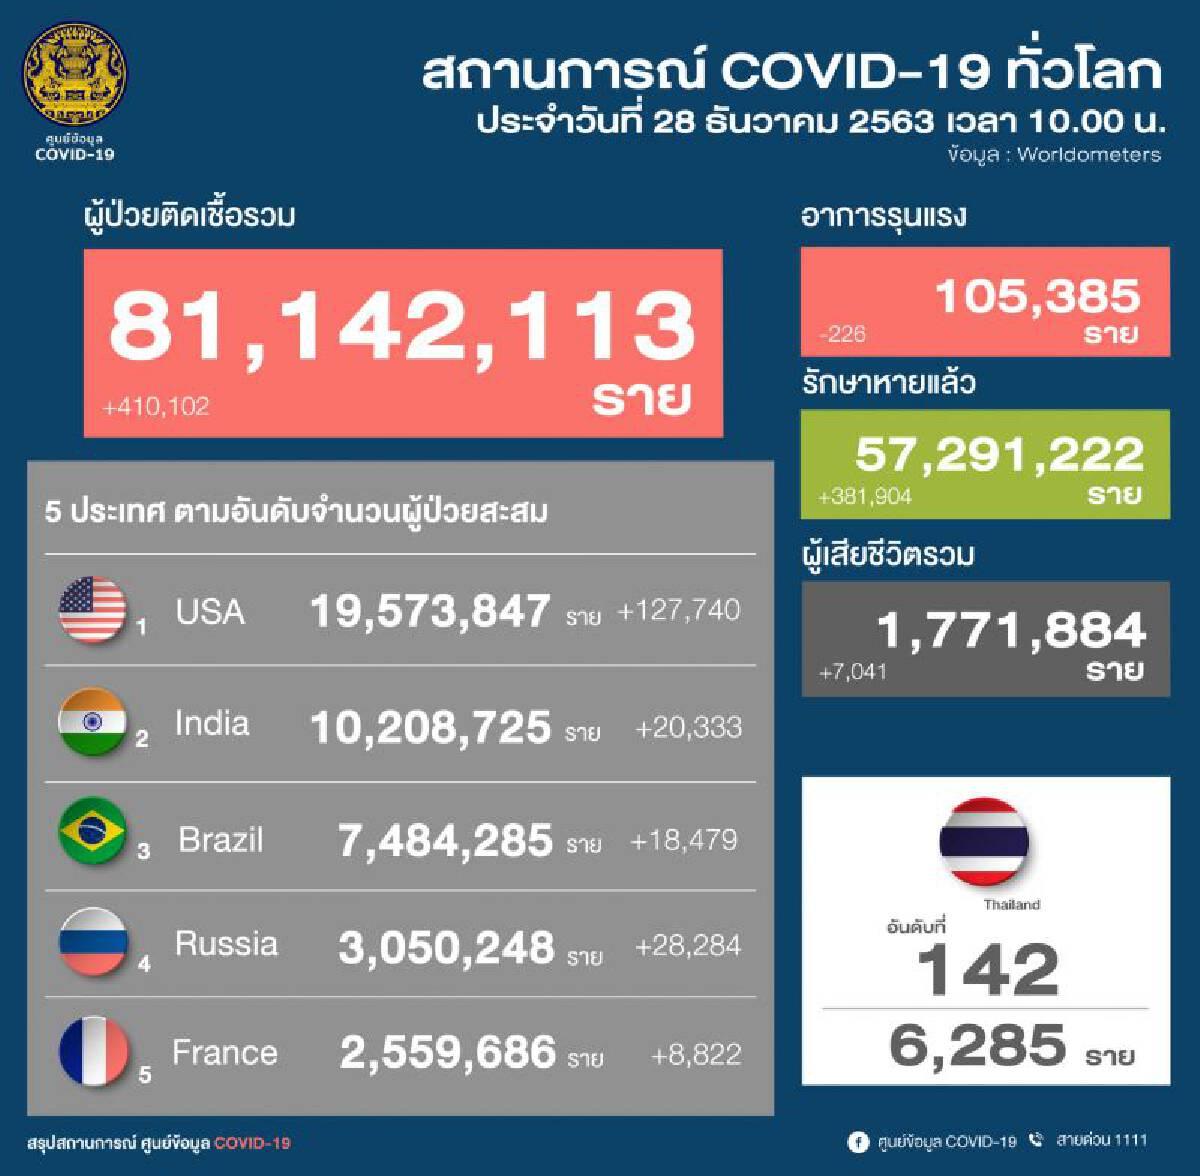 ยอดโควิด 28 ธ.ค.63 มีผู้ติดเชื้อรายใหม่ 144 ราย จากในประเทศ 115 ราย ต่างประเทศ 15 ราย แรงงานต่างด้าว 14 ราย